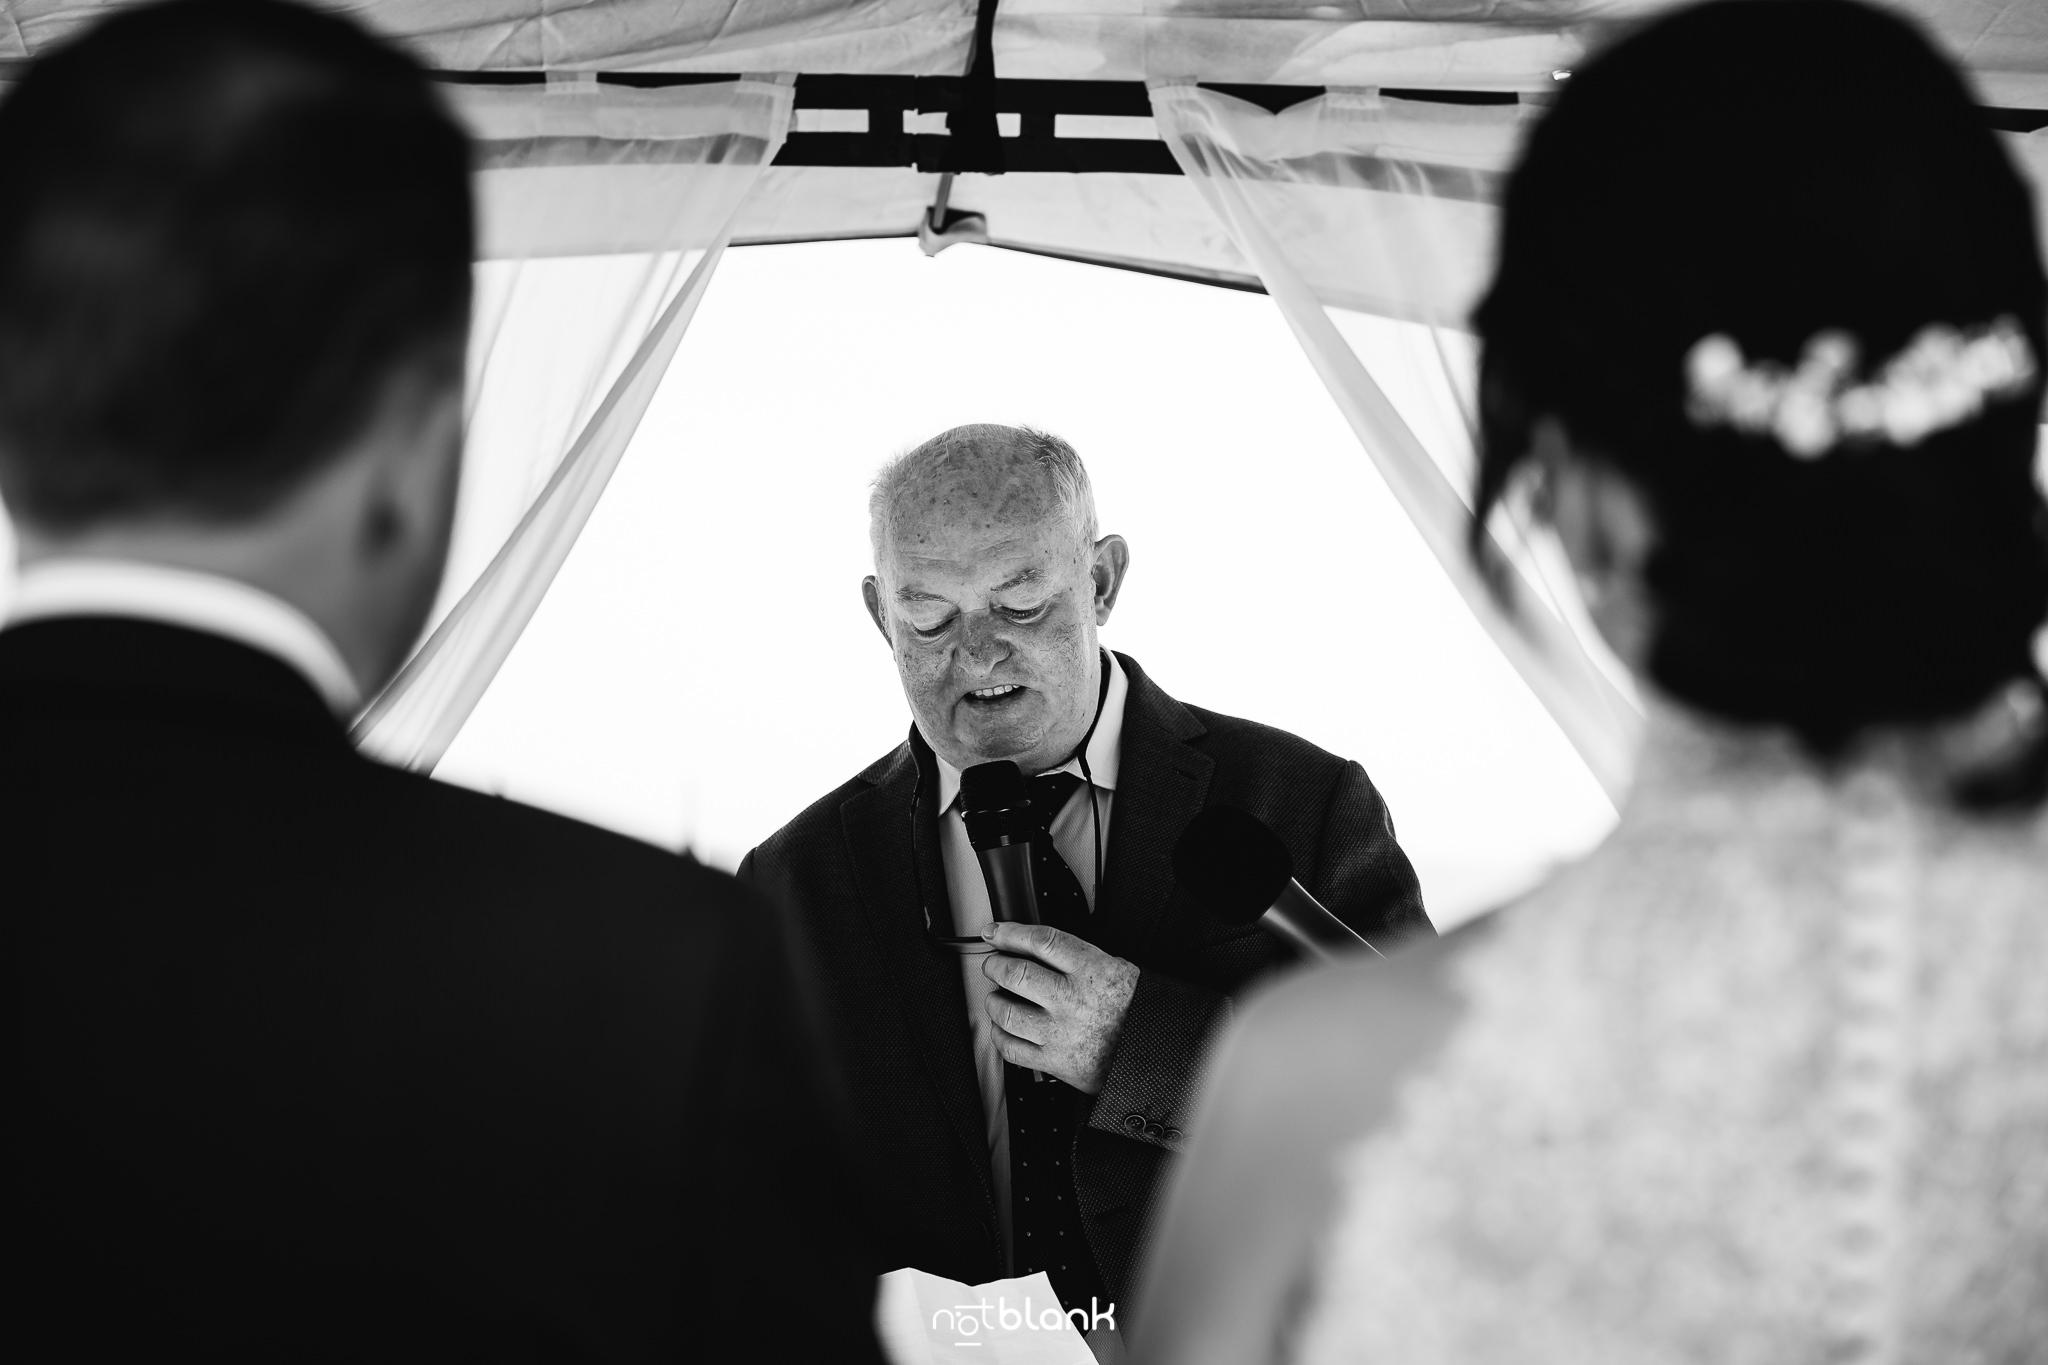 Boda-Maite-David-Invitado-Dando-Discurso-Junto-A-Novios-en-Altar. Reportaje realizado por Notblank fotógrafos de boda